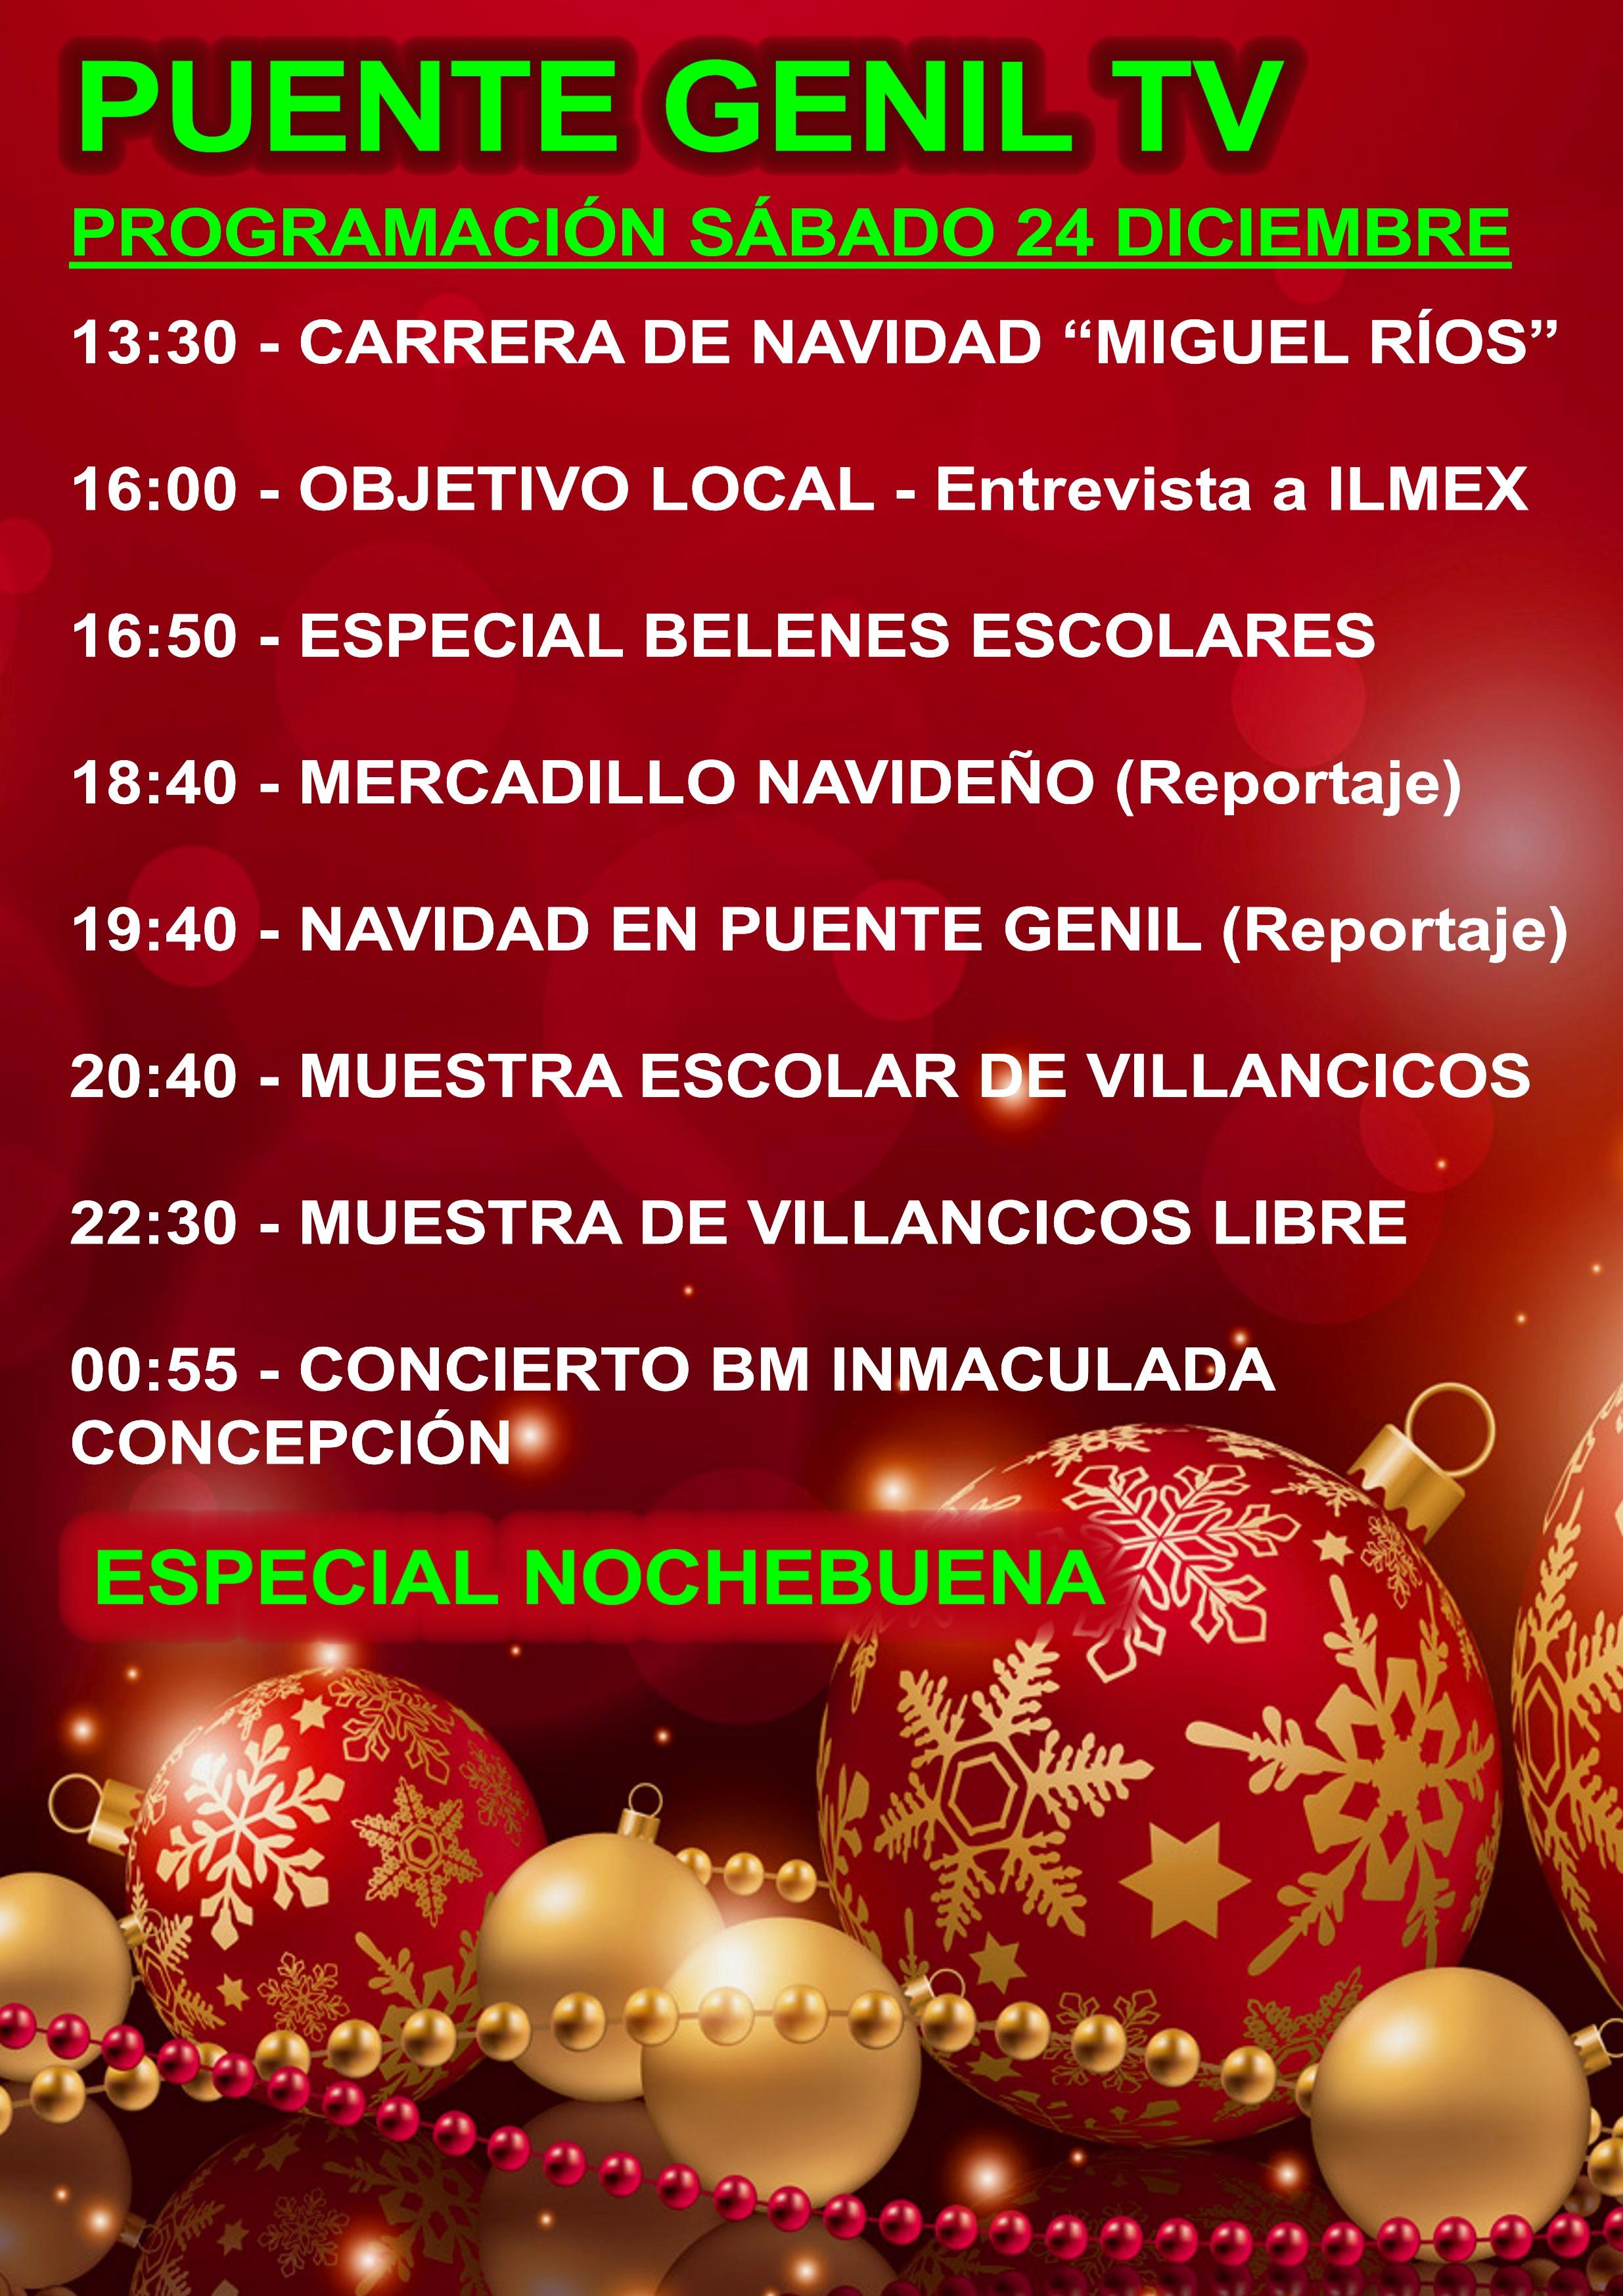 Villancico Feliz Navidad A Todos.Grupo Comunica Os Desea Feliz Navidad Puente Genil Noticias